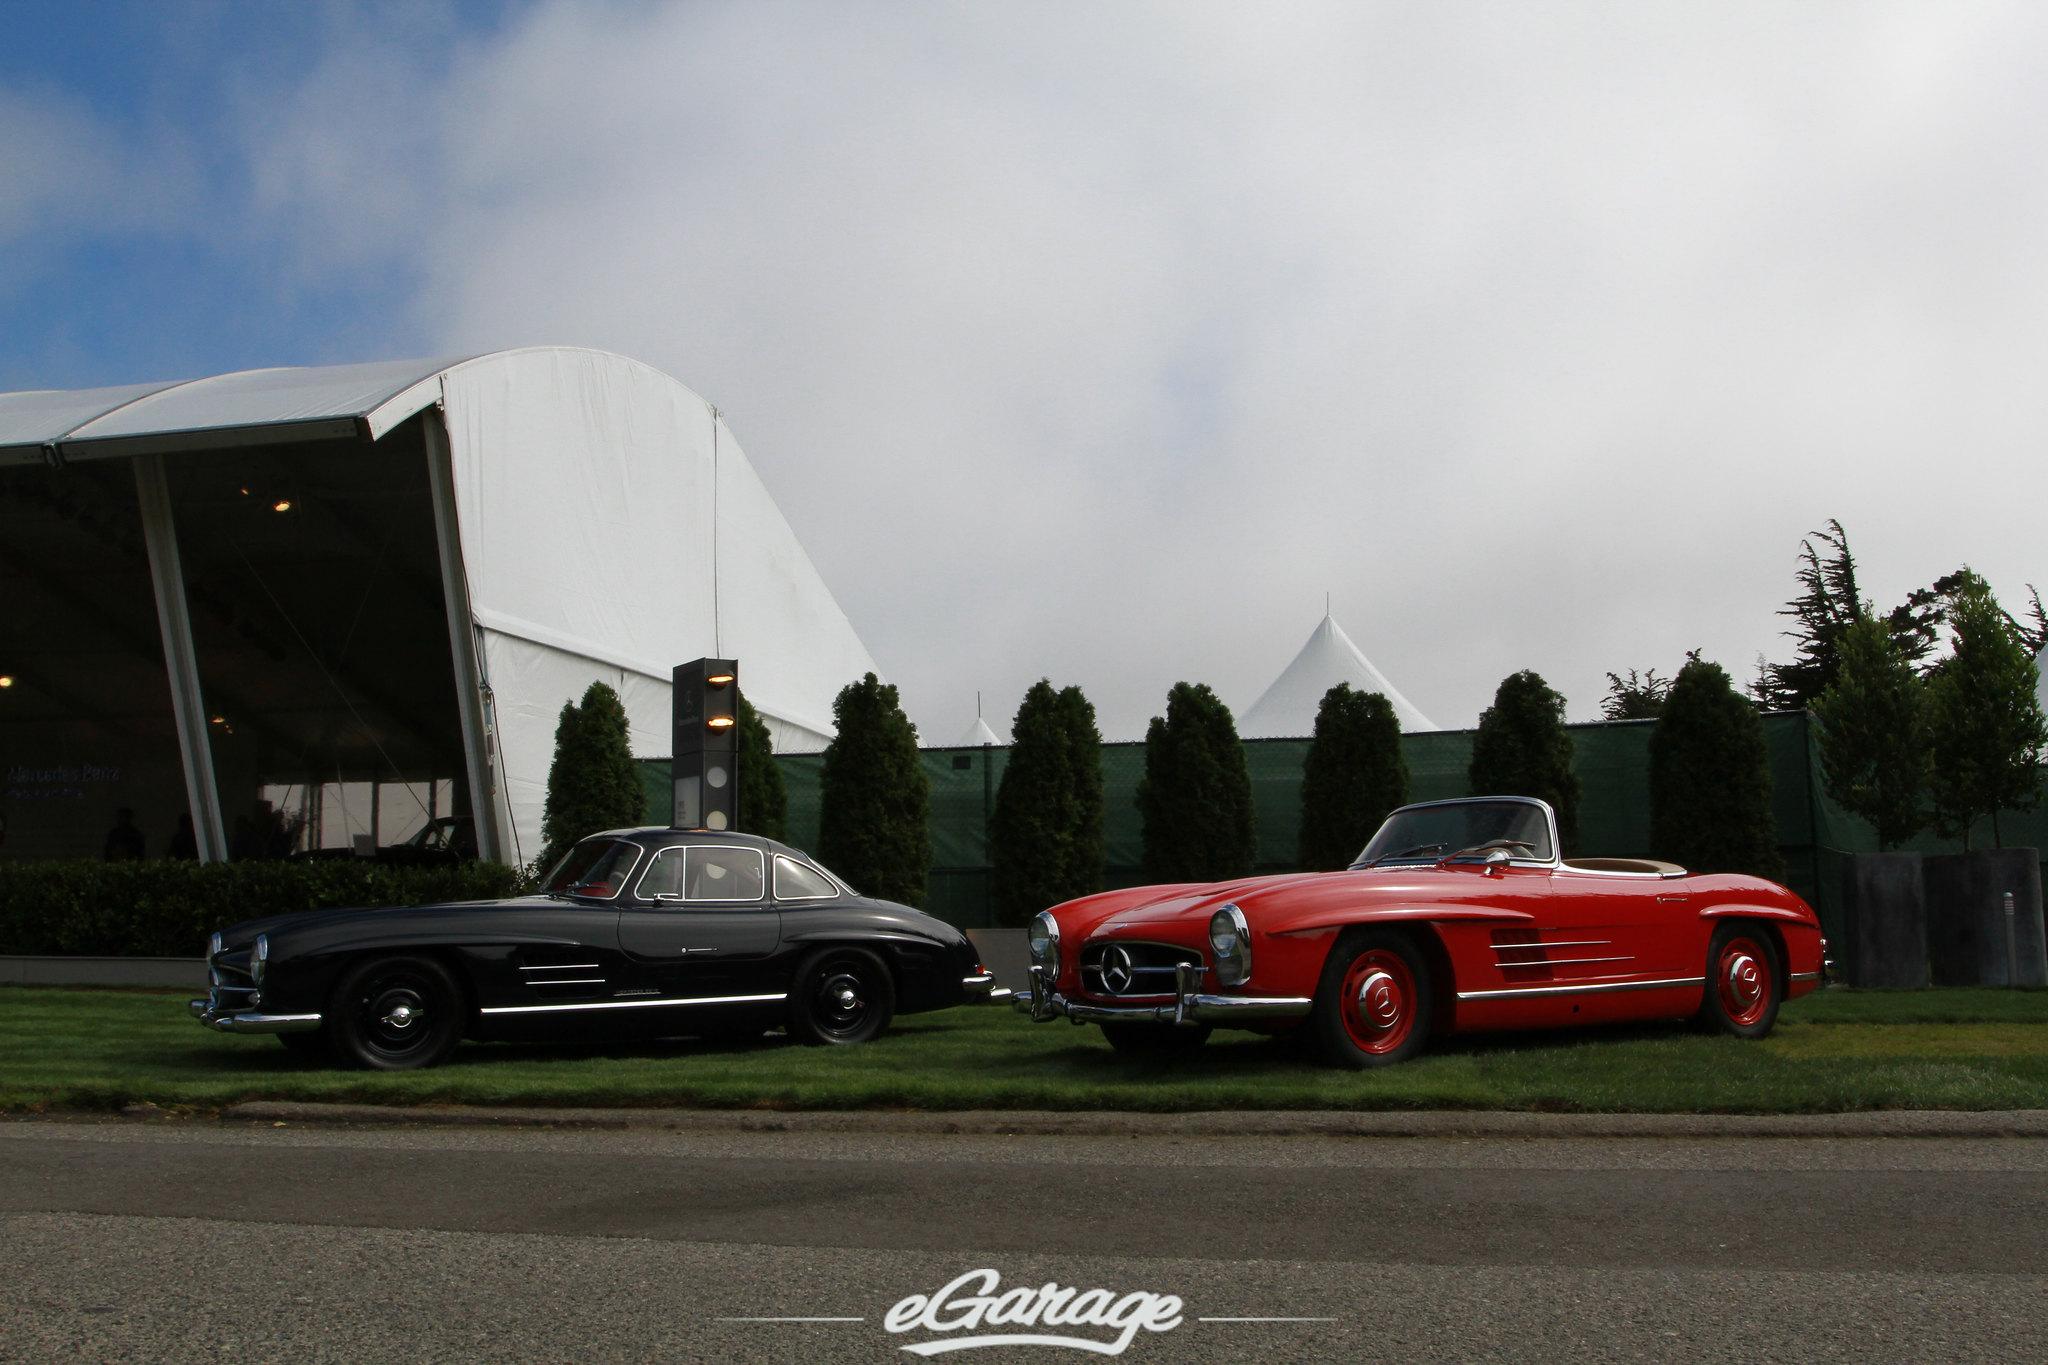 7828974160 94cc5df5bb k Mercedes Benz Classic